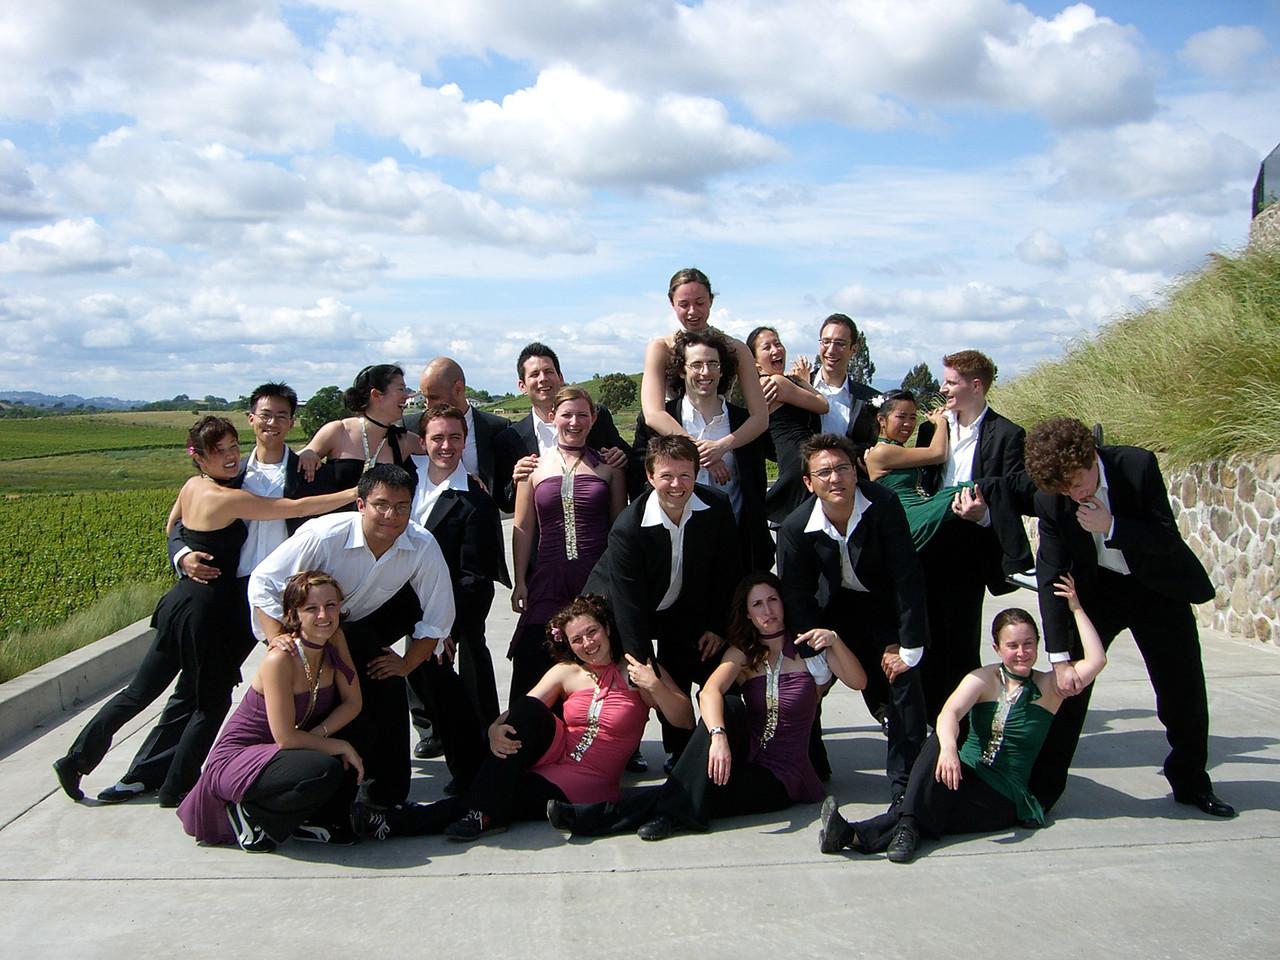 2006 05 20 Sat - Full Group Pic 2